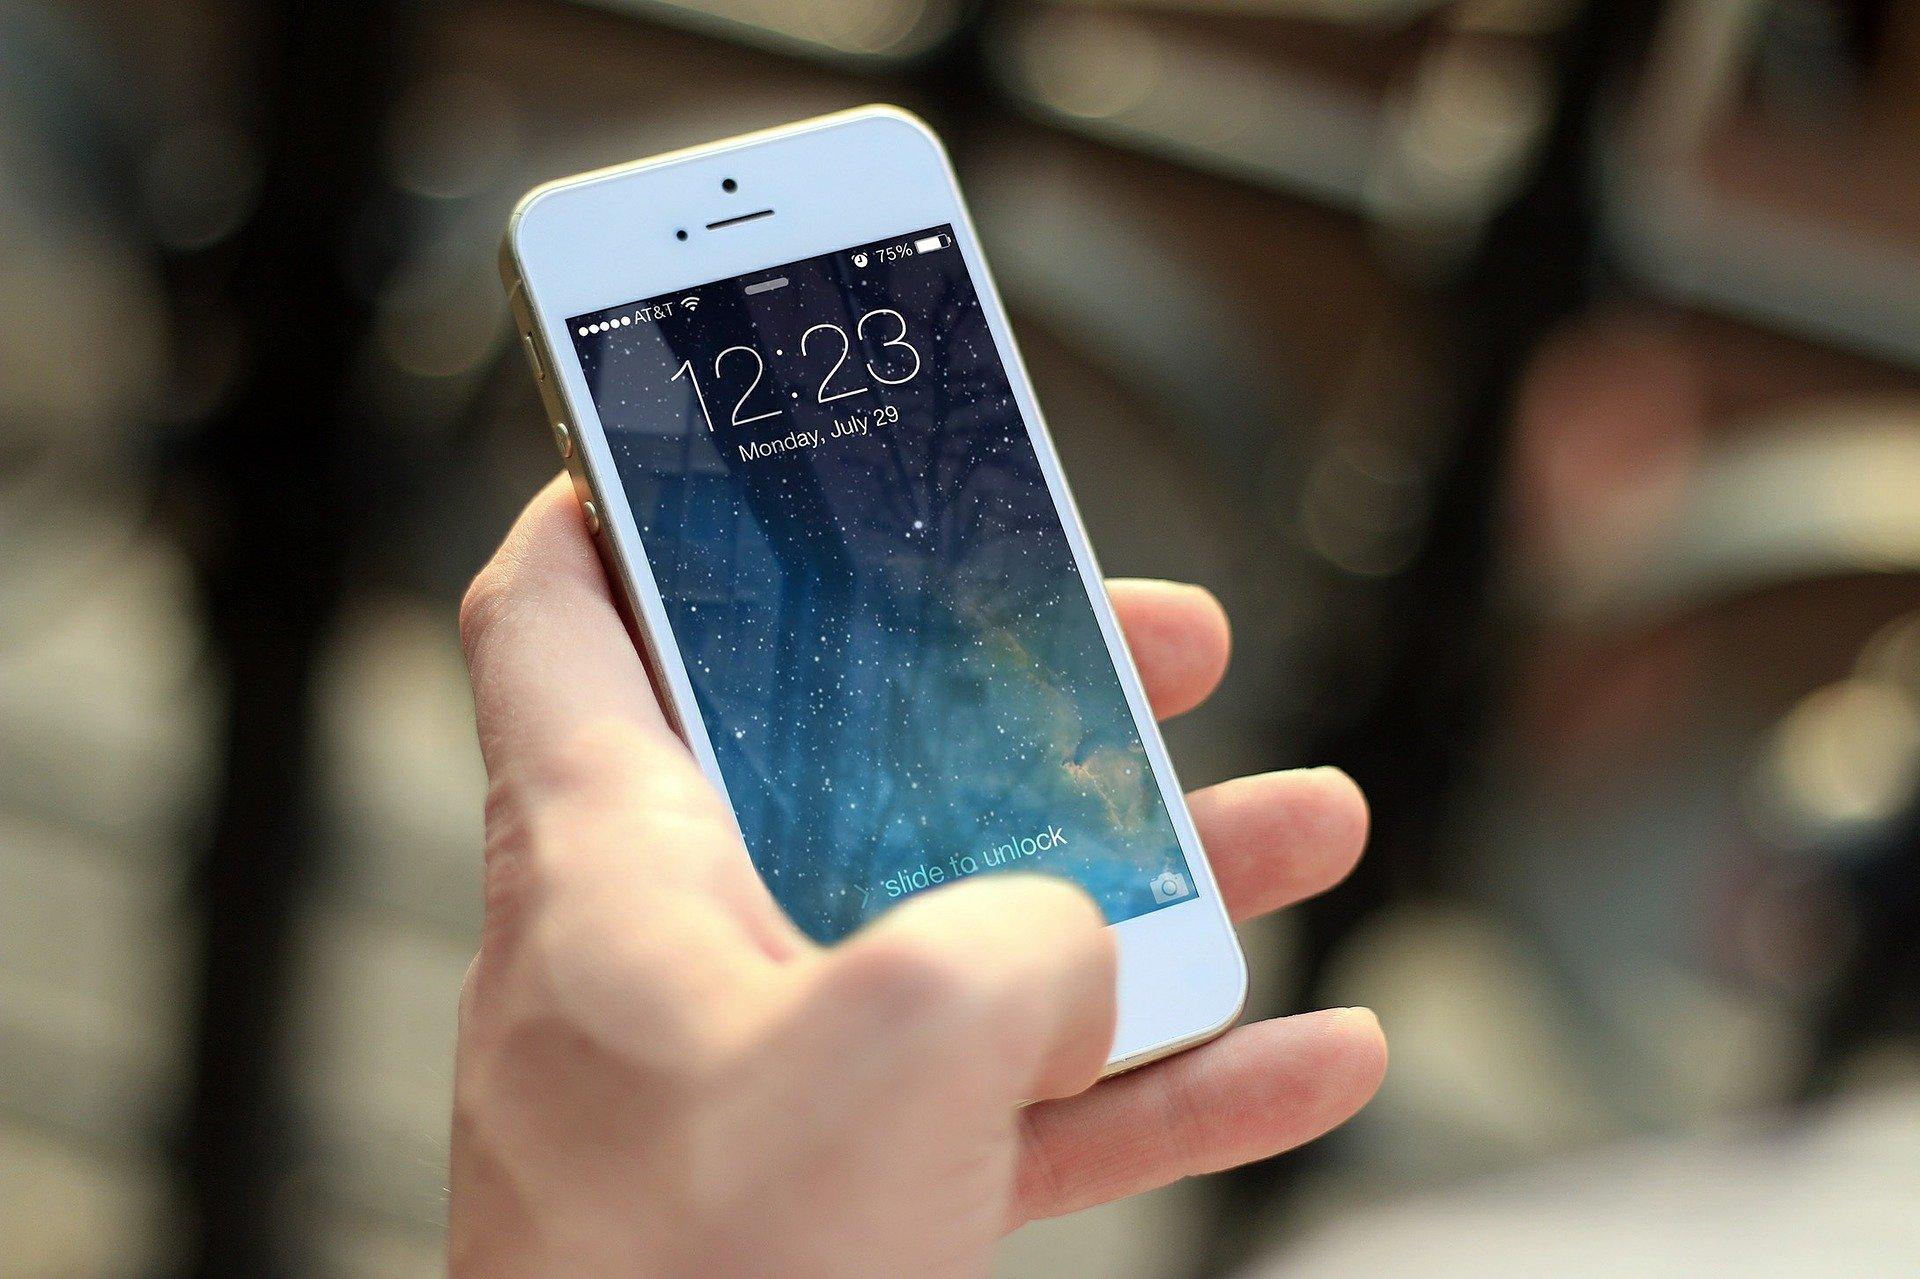 zabezpieczenie ekranu na smartfonie